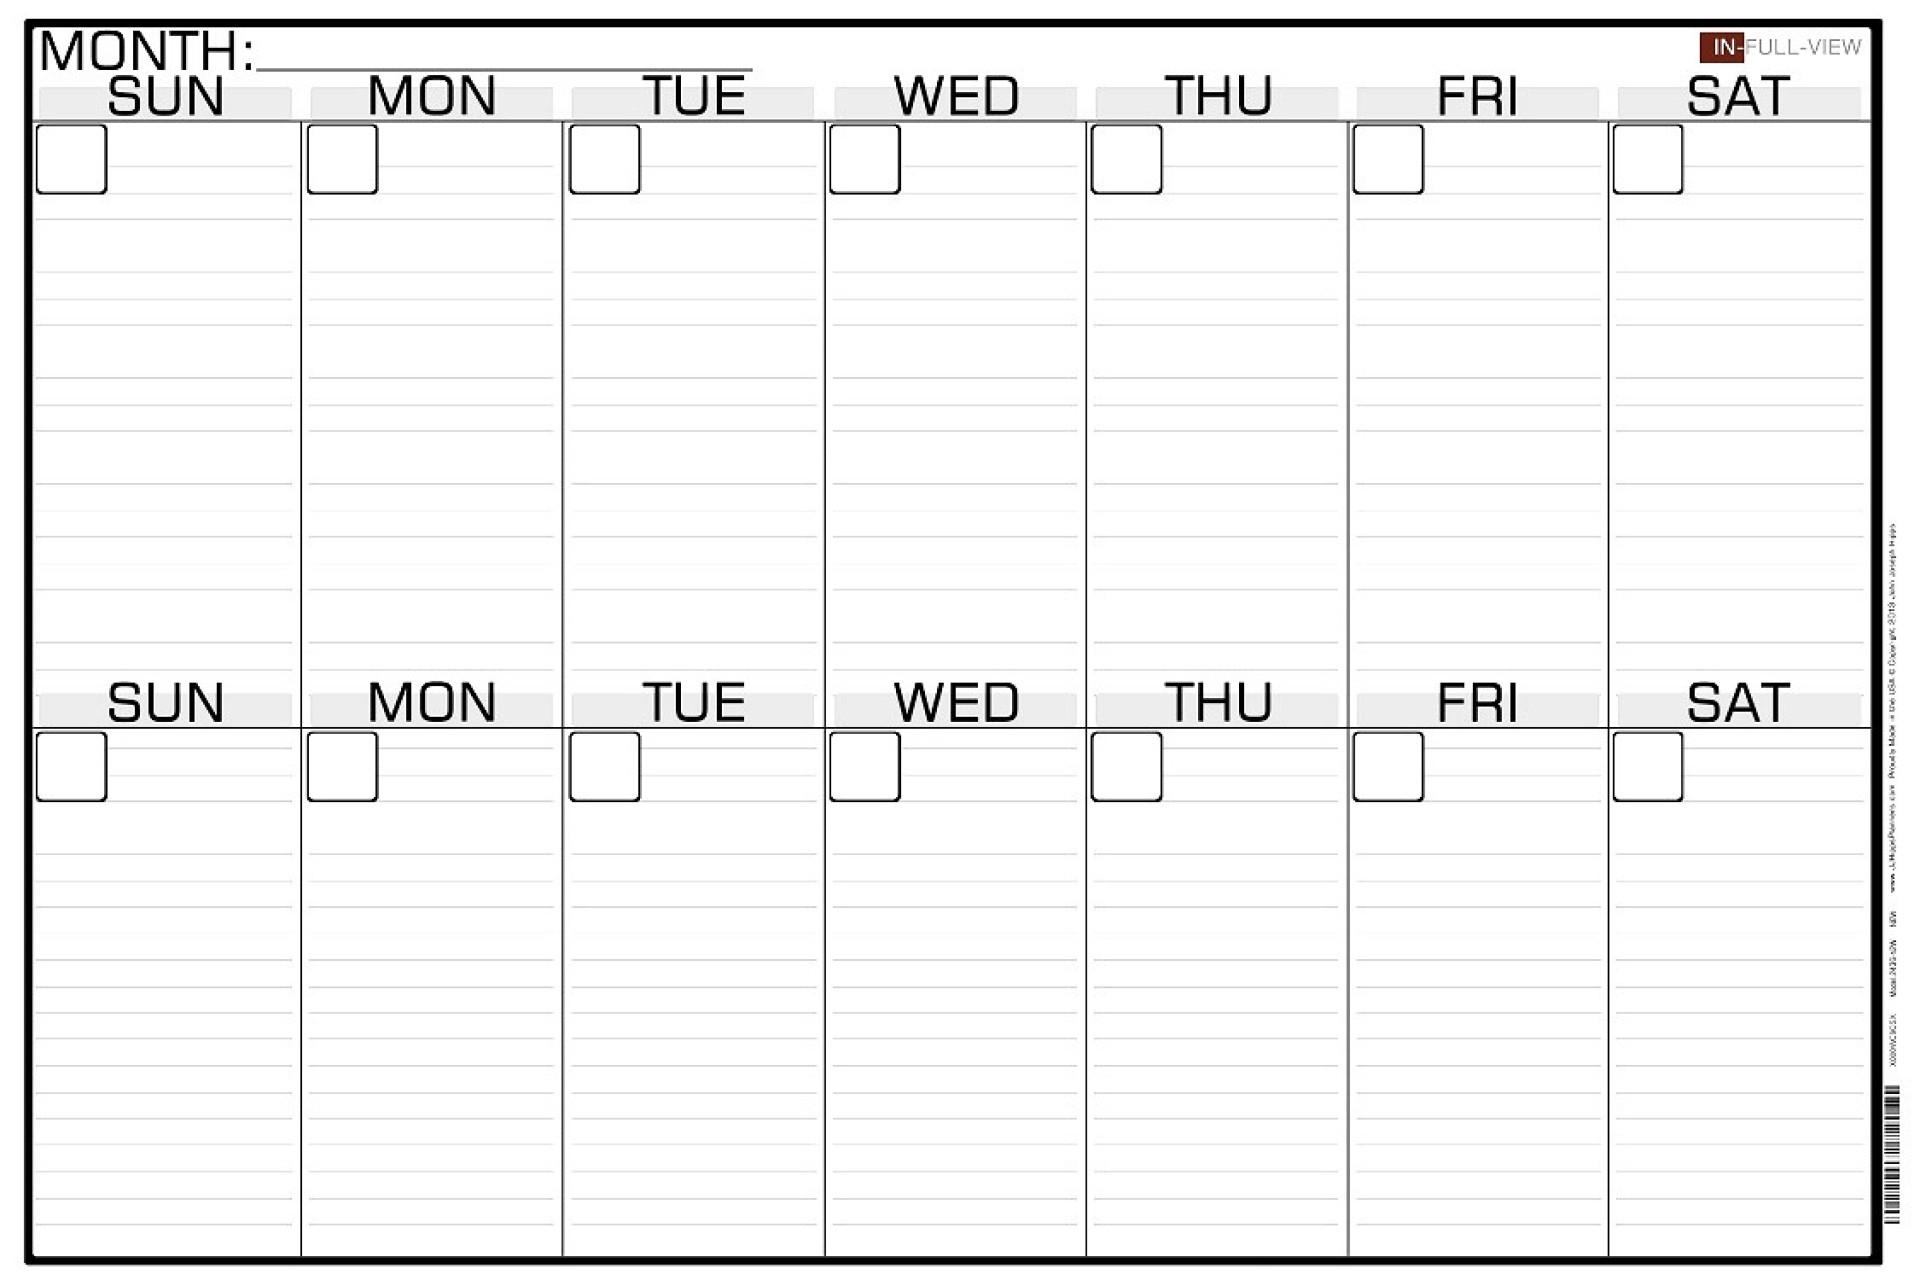 042 Week Printable Calendar Free Blank Printing 25Nhzqjr